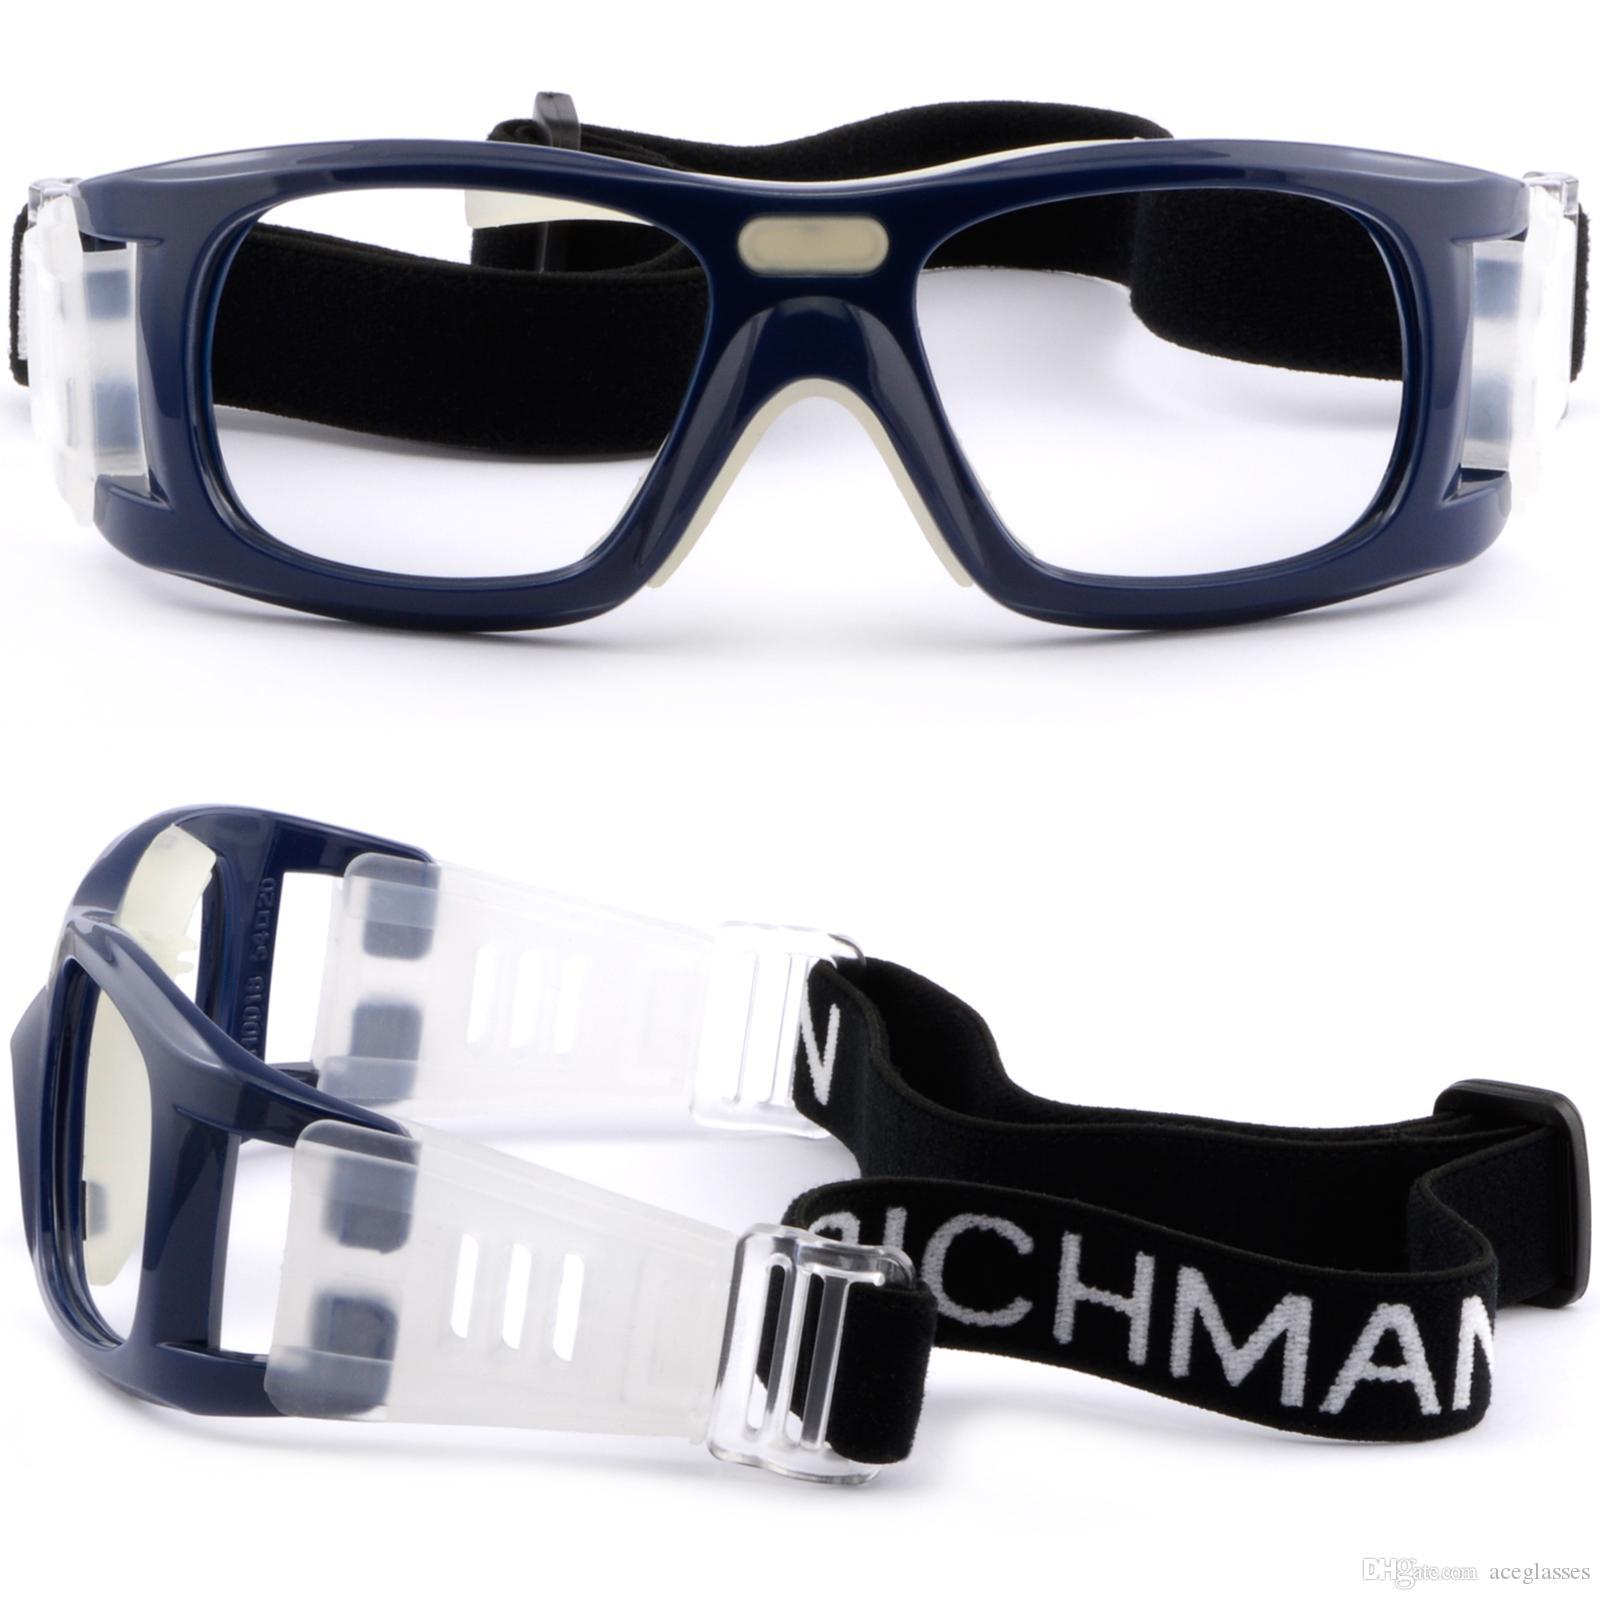 7ae288b12 Compre Óculos De Proteção Dos Esportes Das Mulheres Dos Homens Frame Da  Prescrição Dos Vidros Da Marinha Do Basquetebol Dos Vidros De Aceglasses,  ...